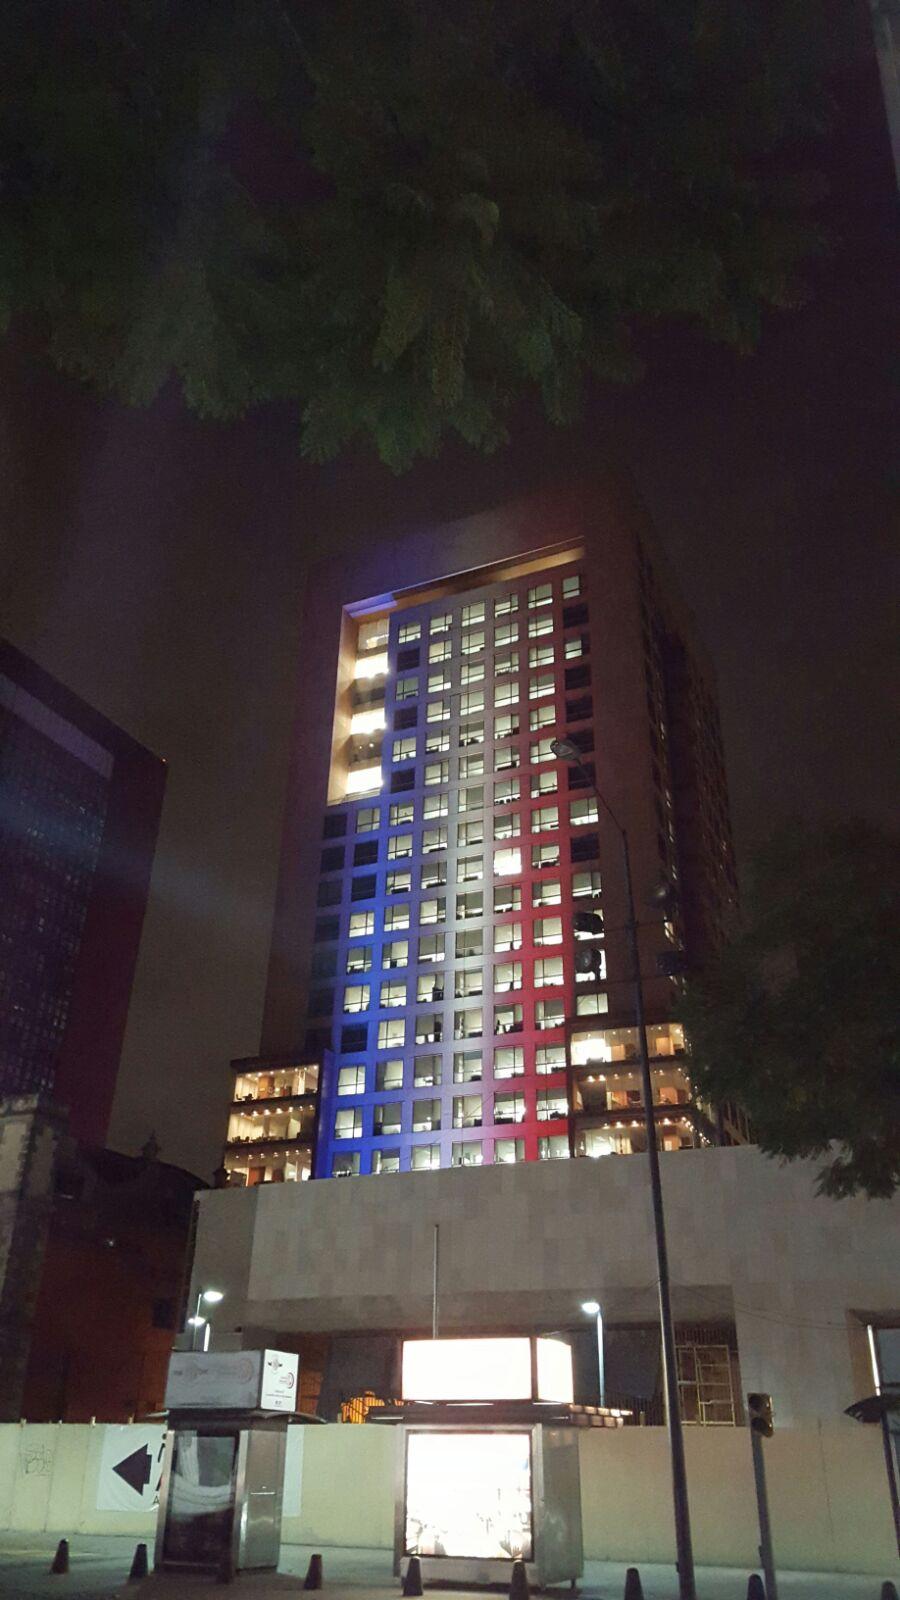 FOTO 3 Edificio de la Canciller a iluminado con los colores de Franciajpg